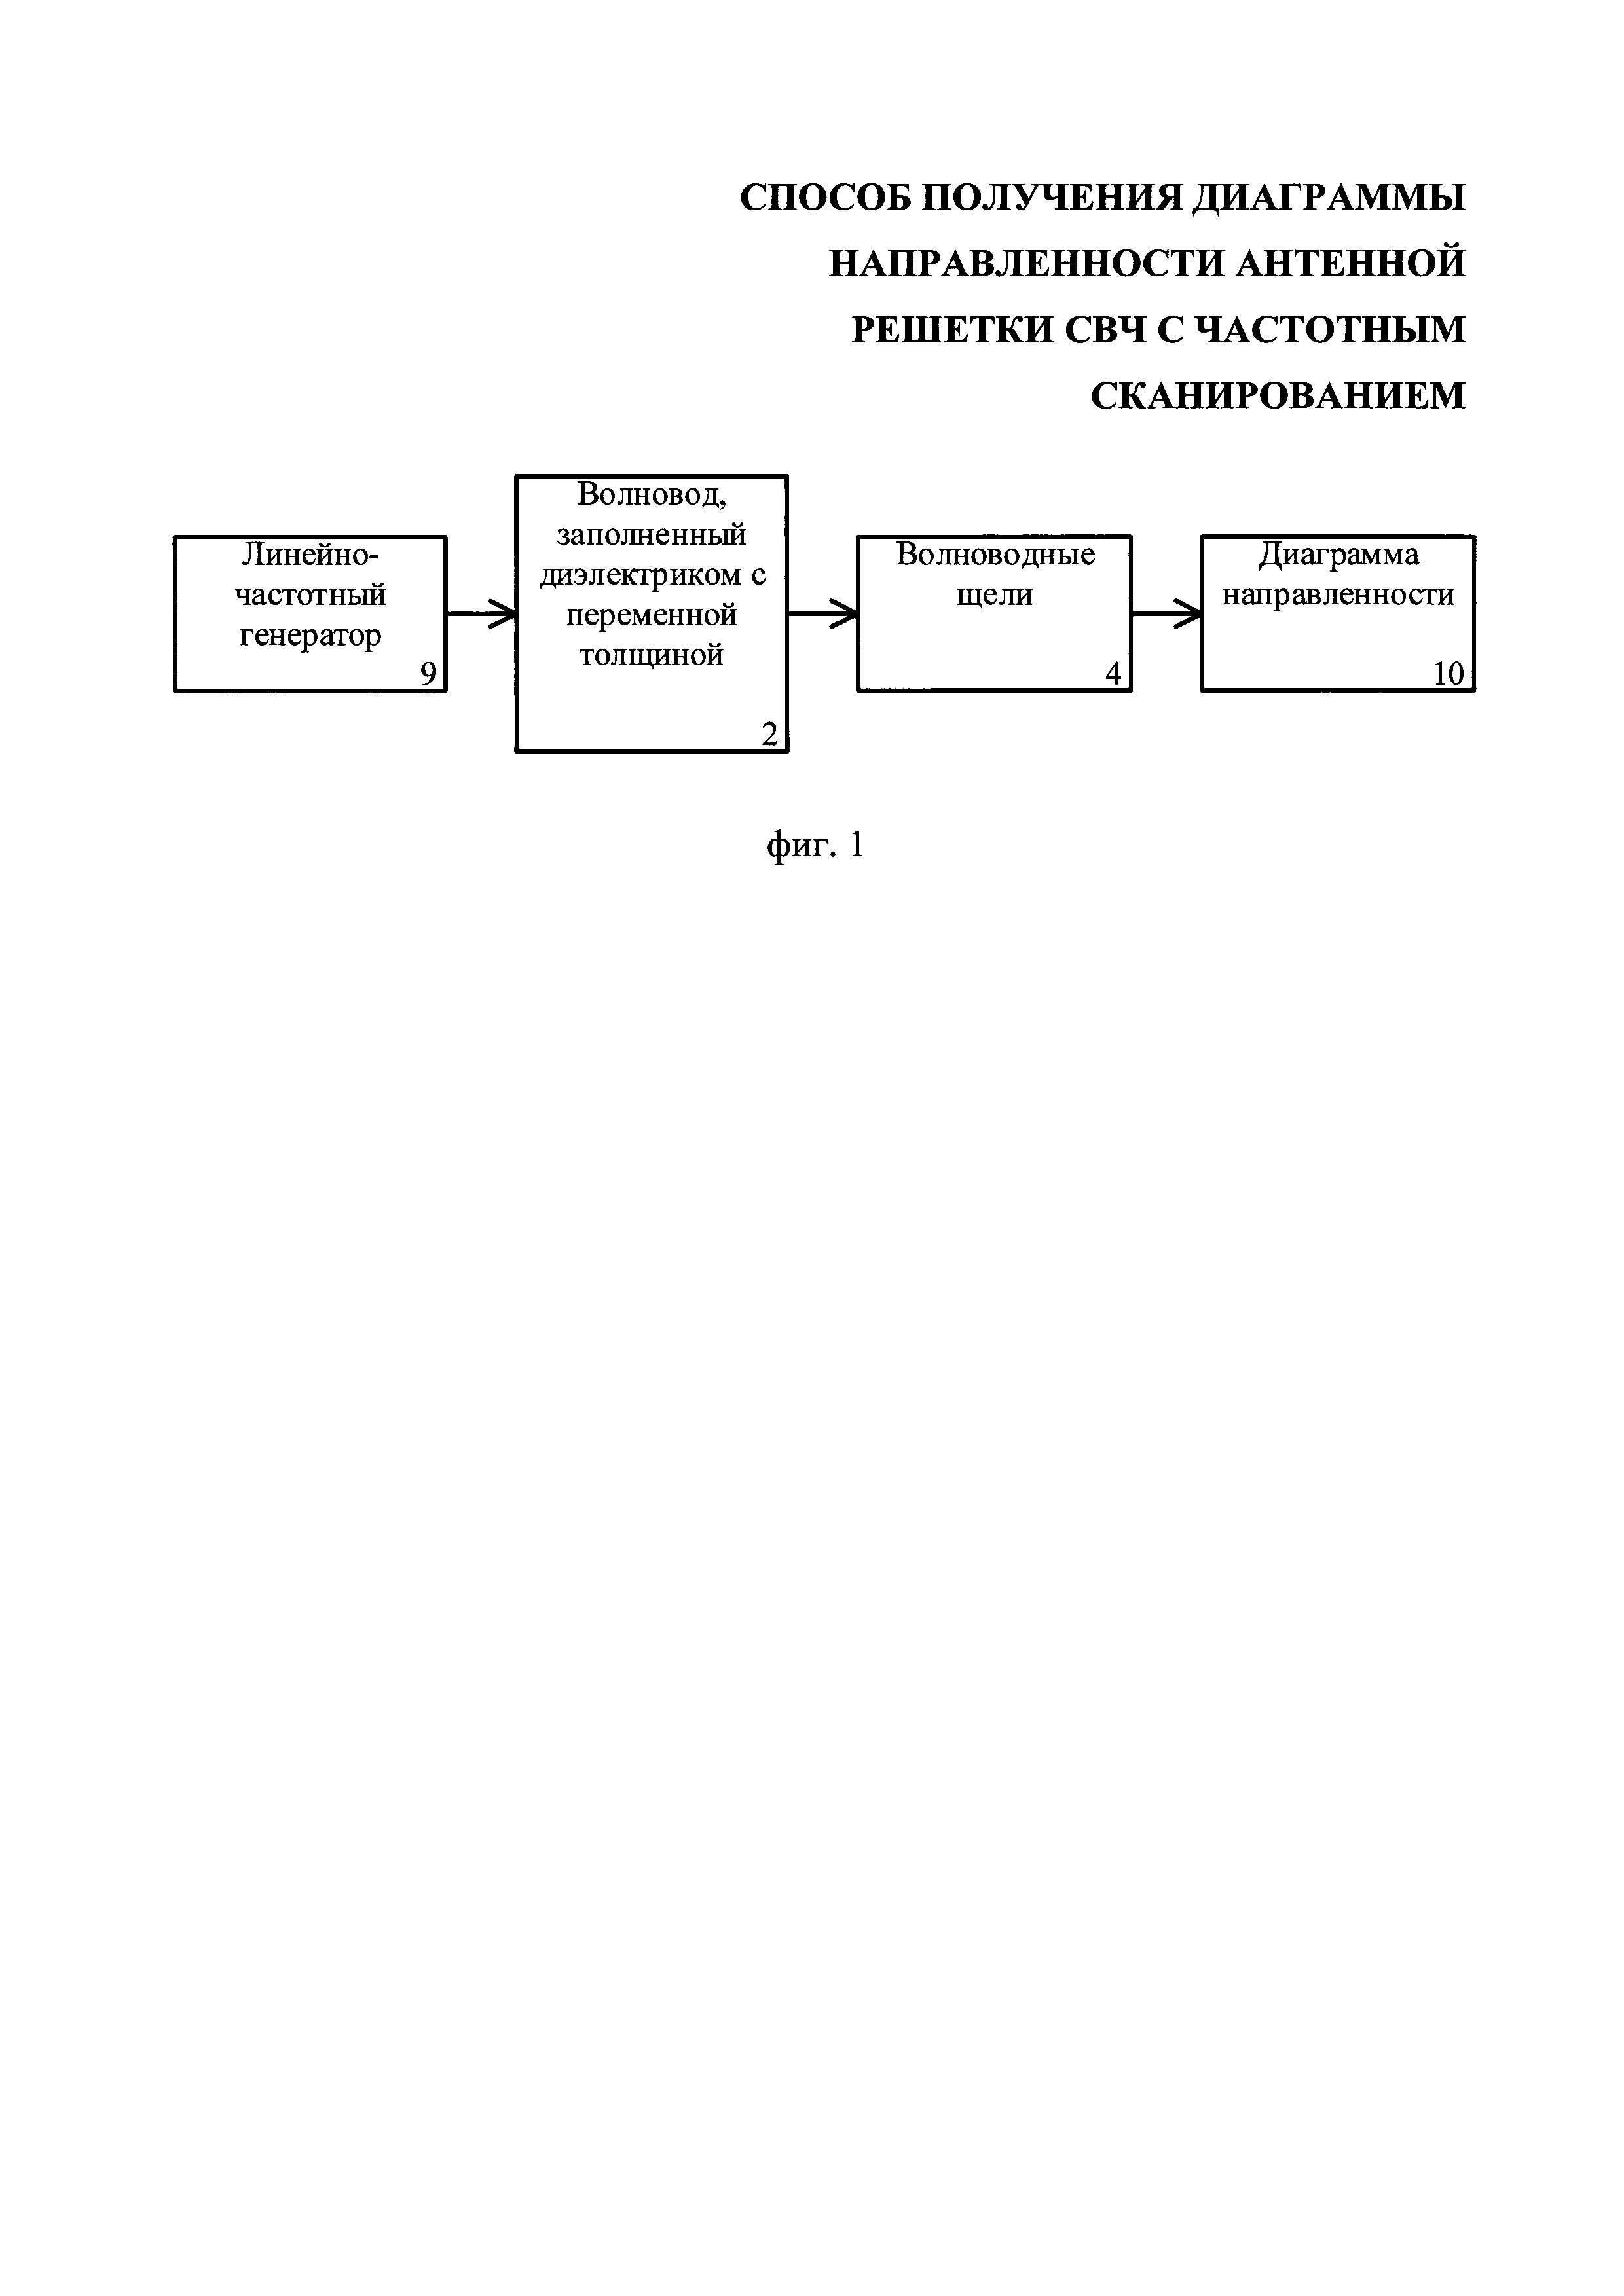 Способ получения диаграммы направленности антенной решетки свч с частотным сканированием